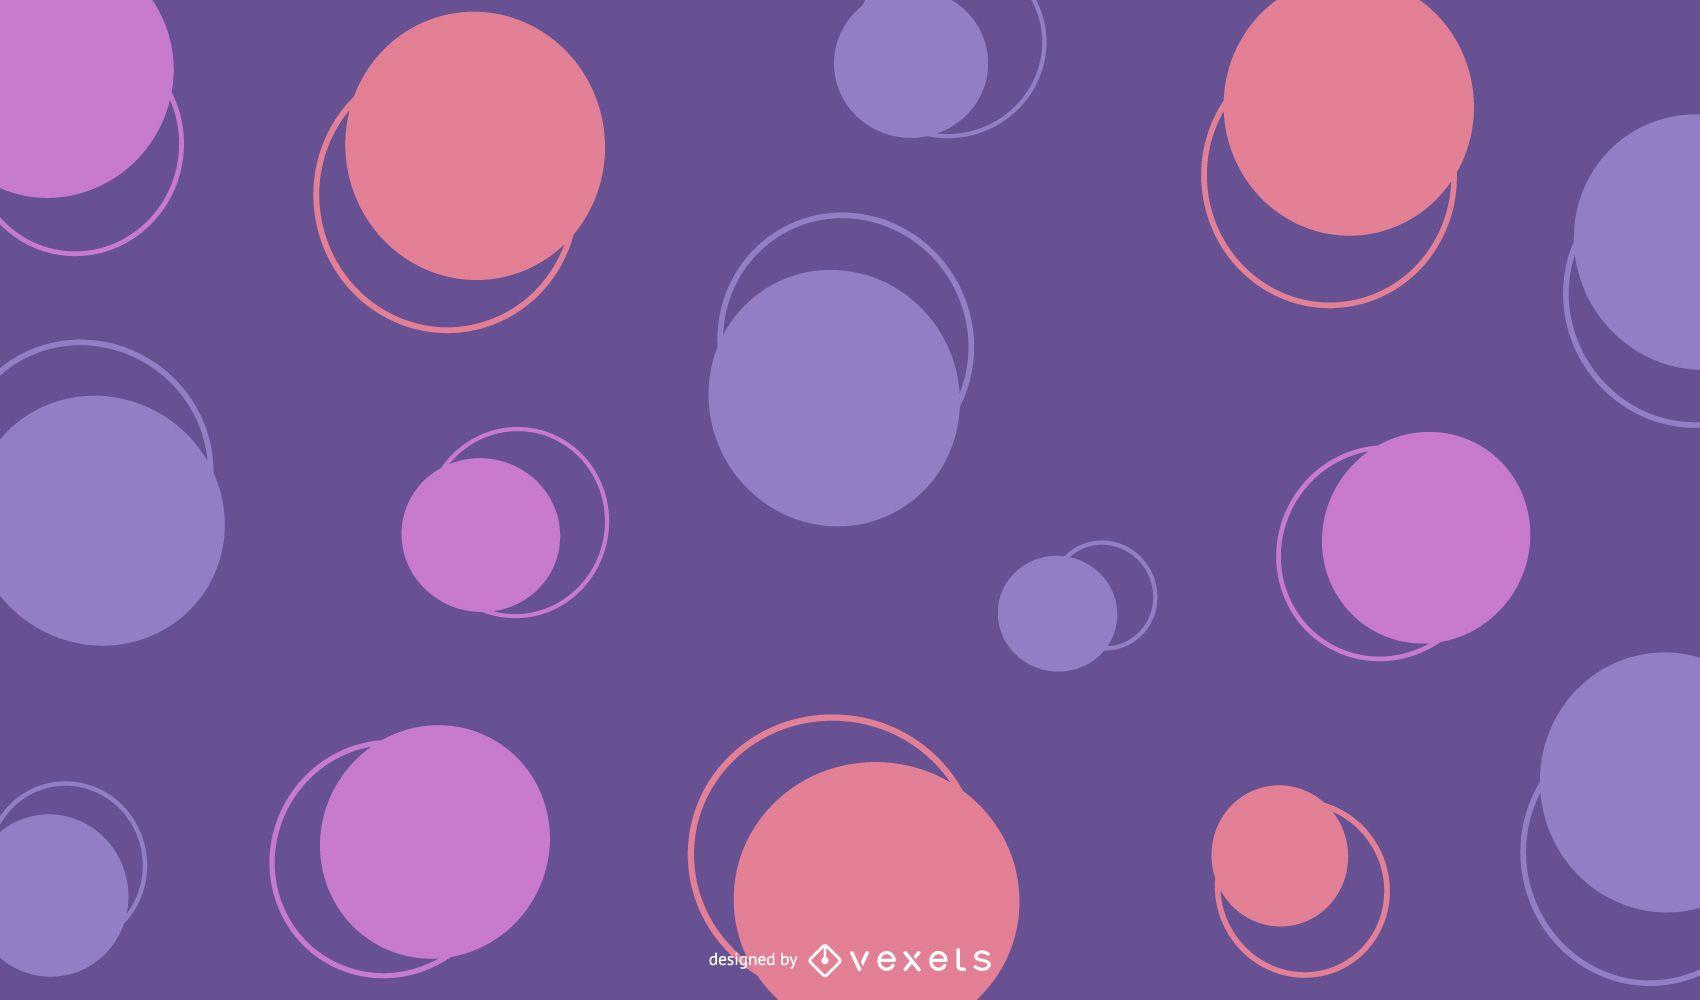 Círculos de colores abstractos ilustración vectorial